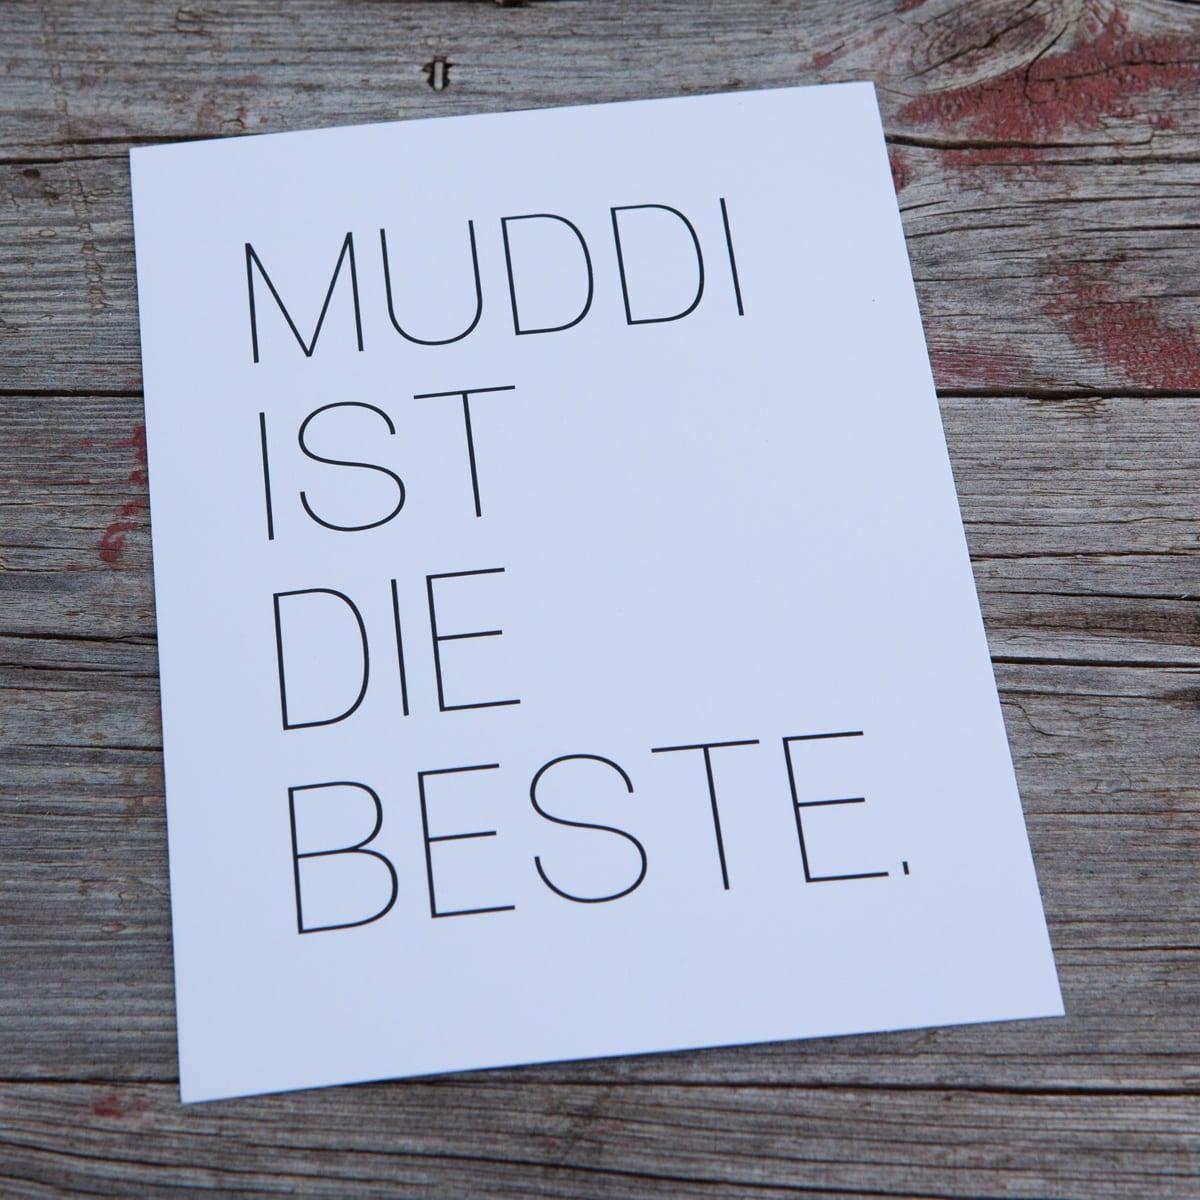 muddi ist die beste